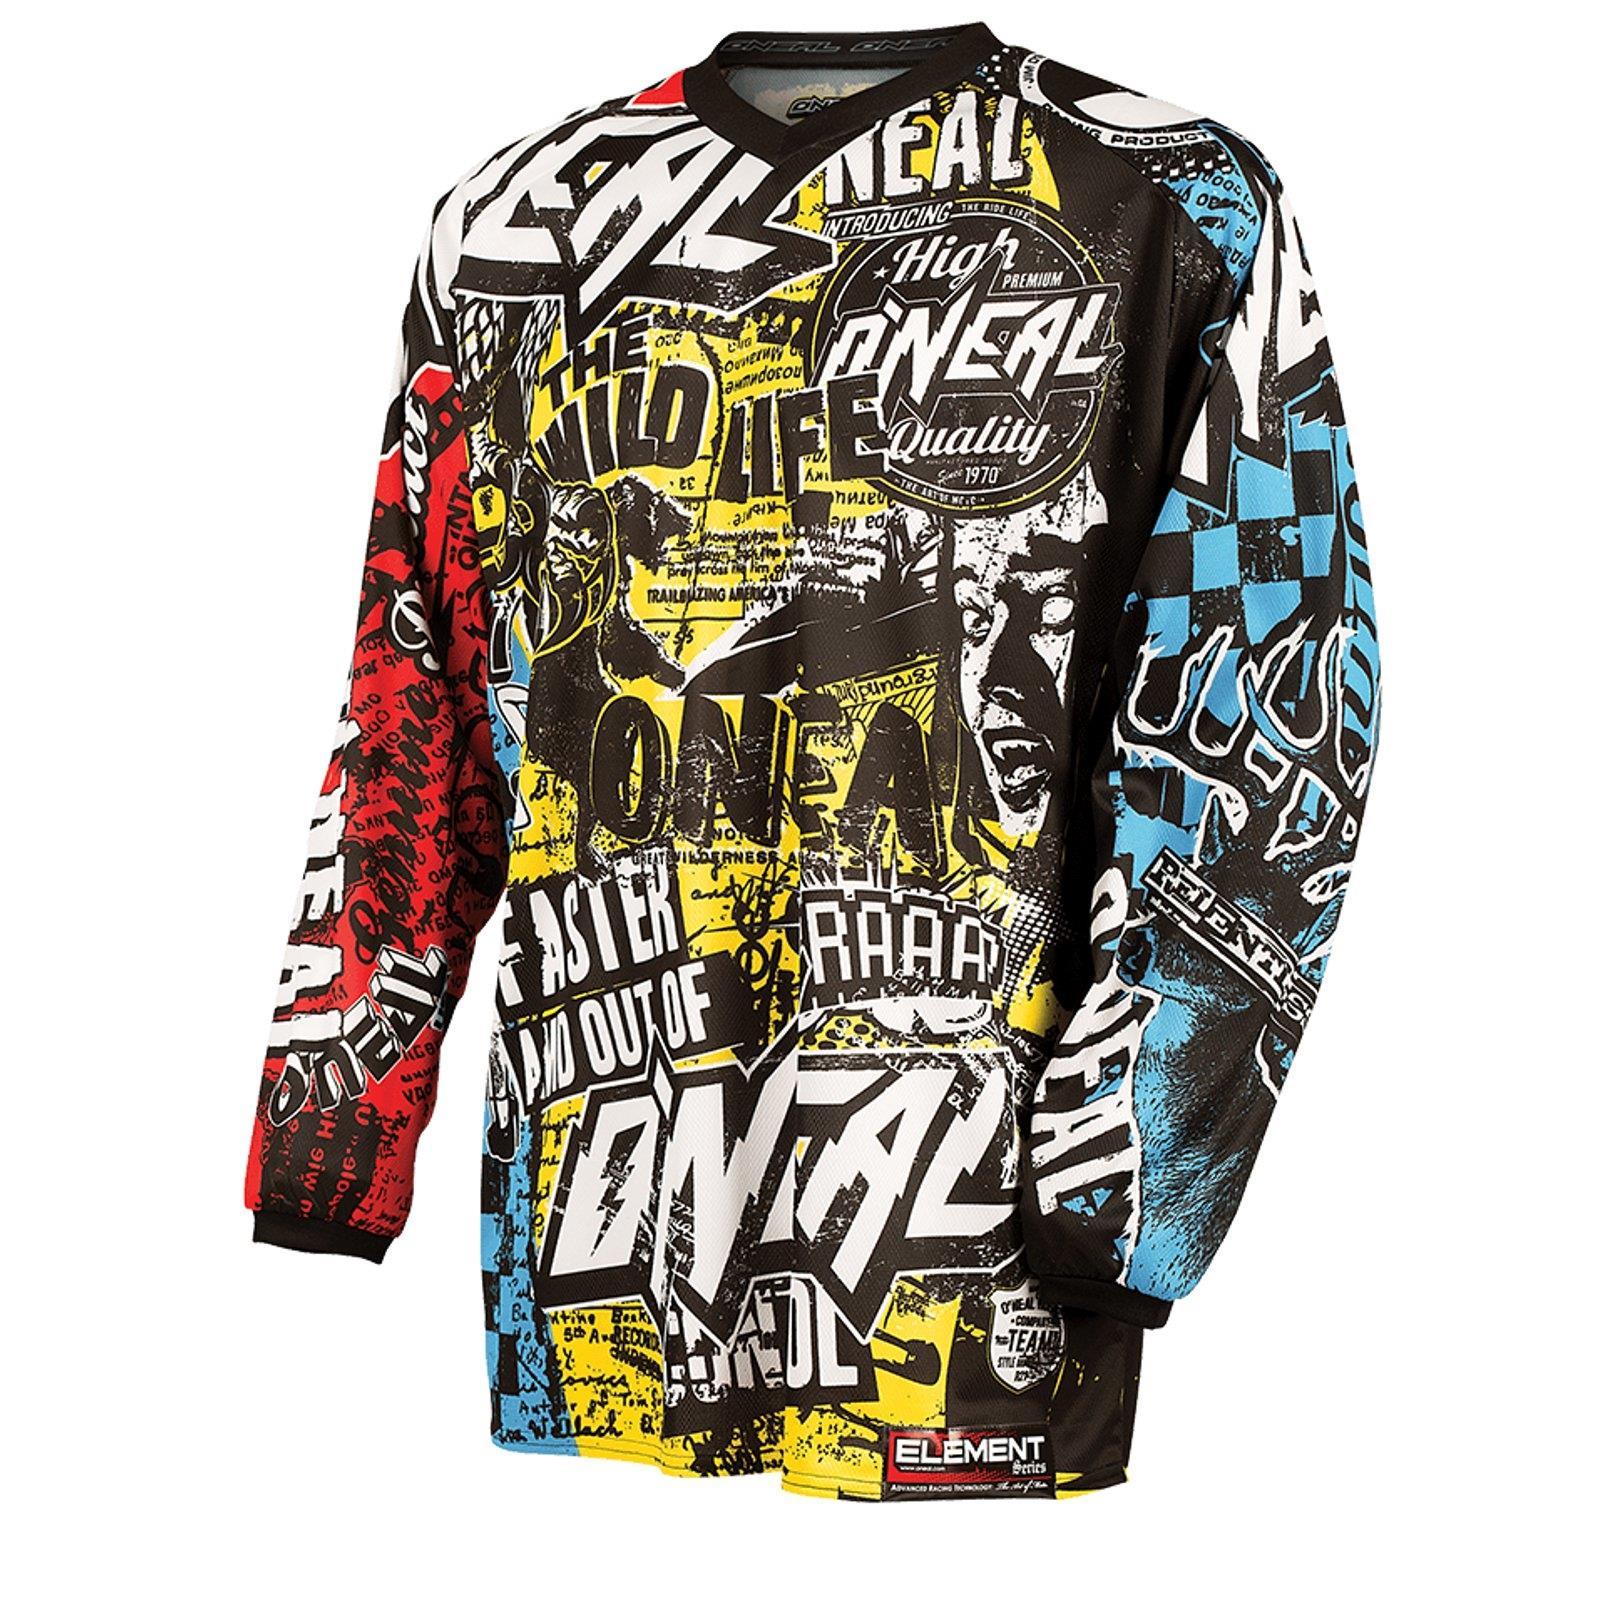 O-039-Neal-Element-MX-Jersey-Shirt-WILD-Moto-Cross-Mountainbike-Enduro-MTB-Downhill miniatura 3